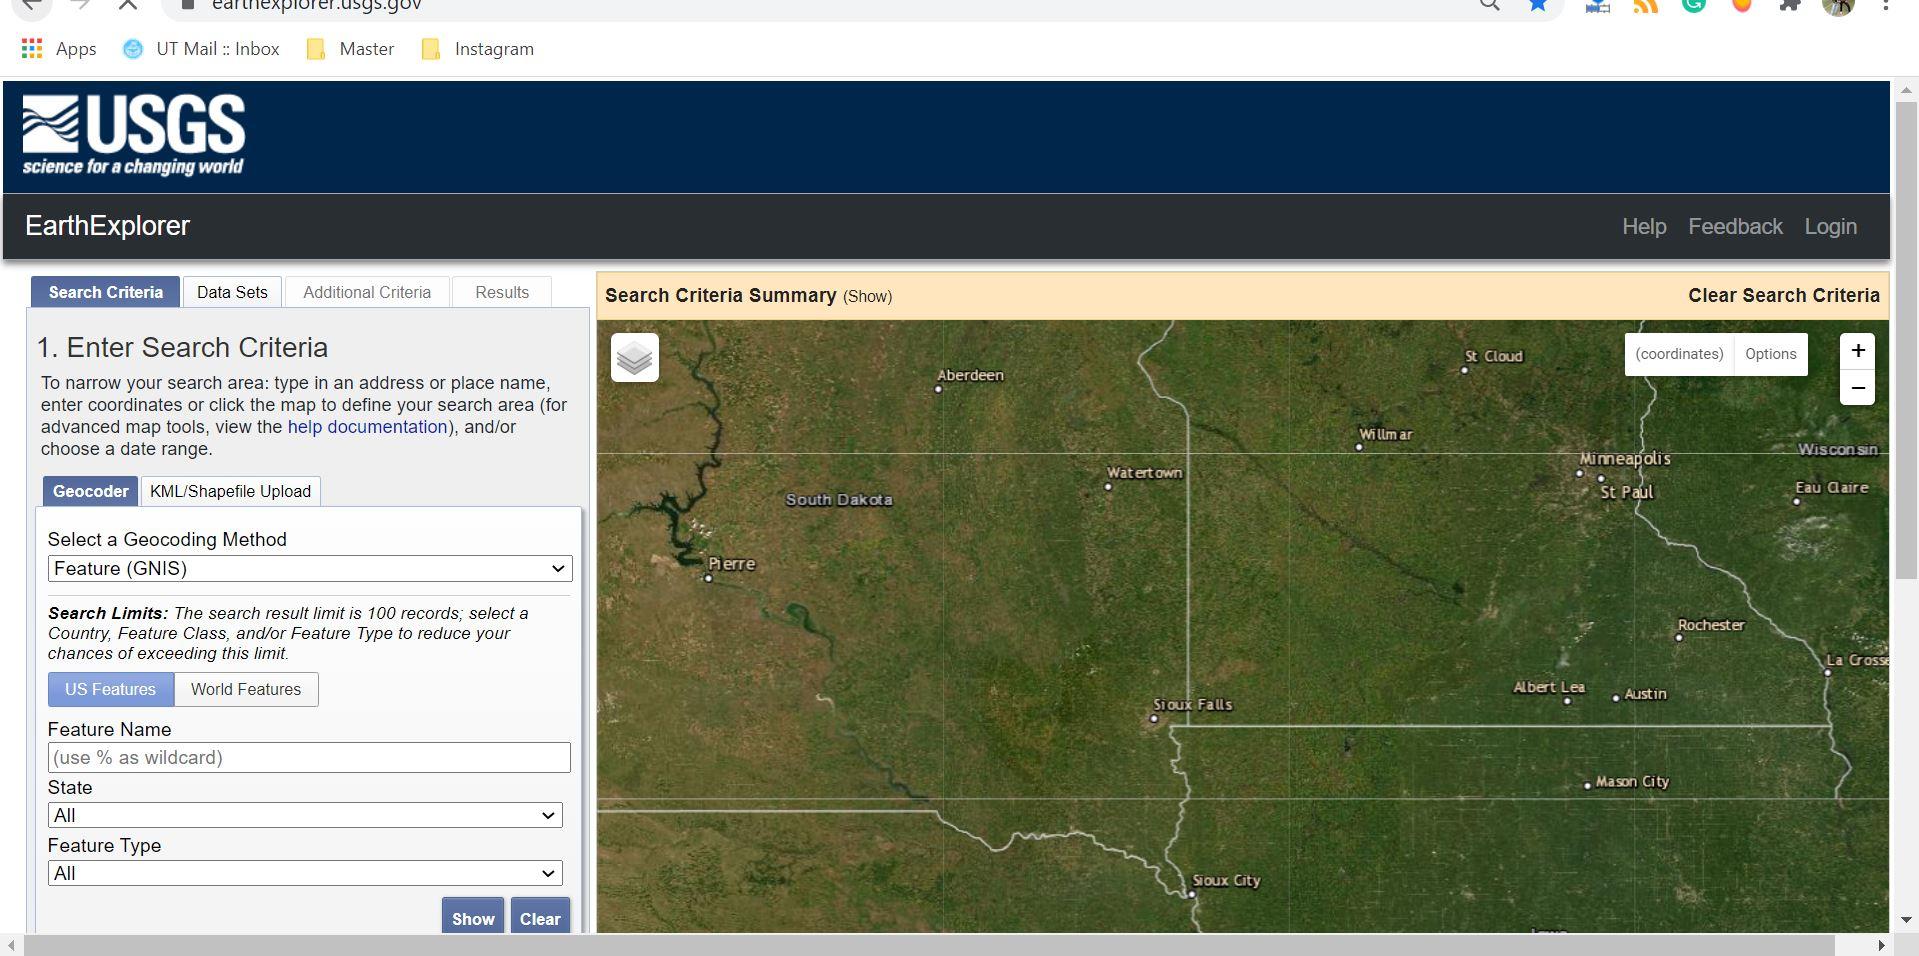 دانلود تصاویر از USGS Earth Explorer